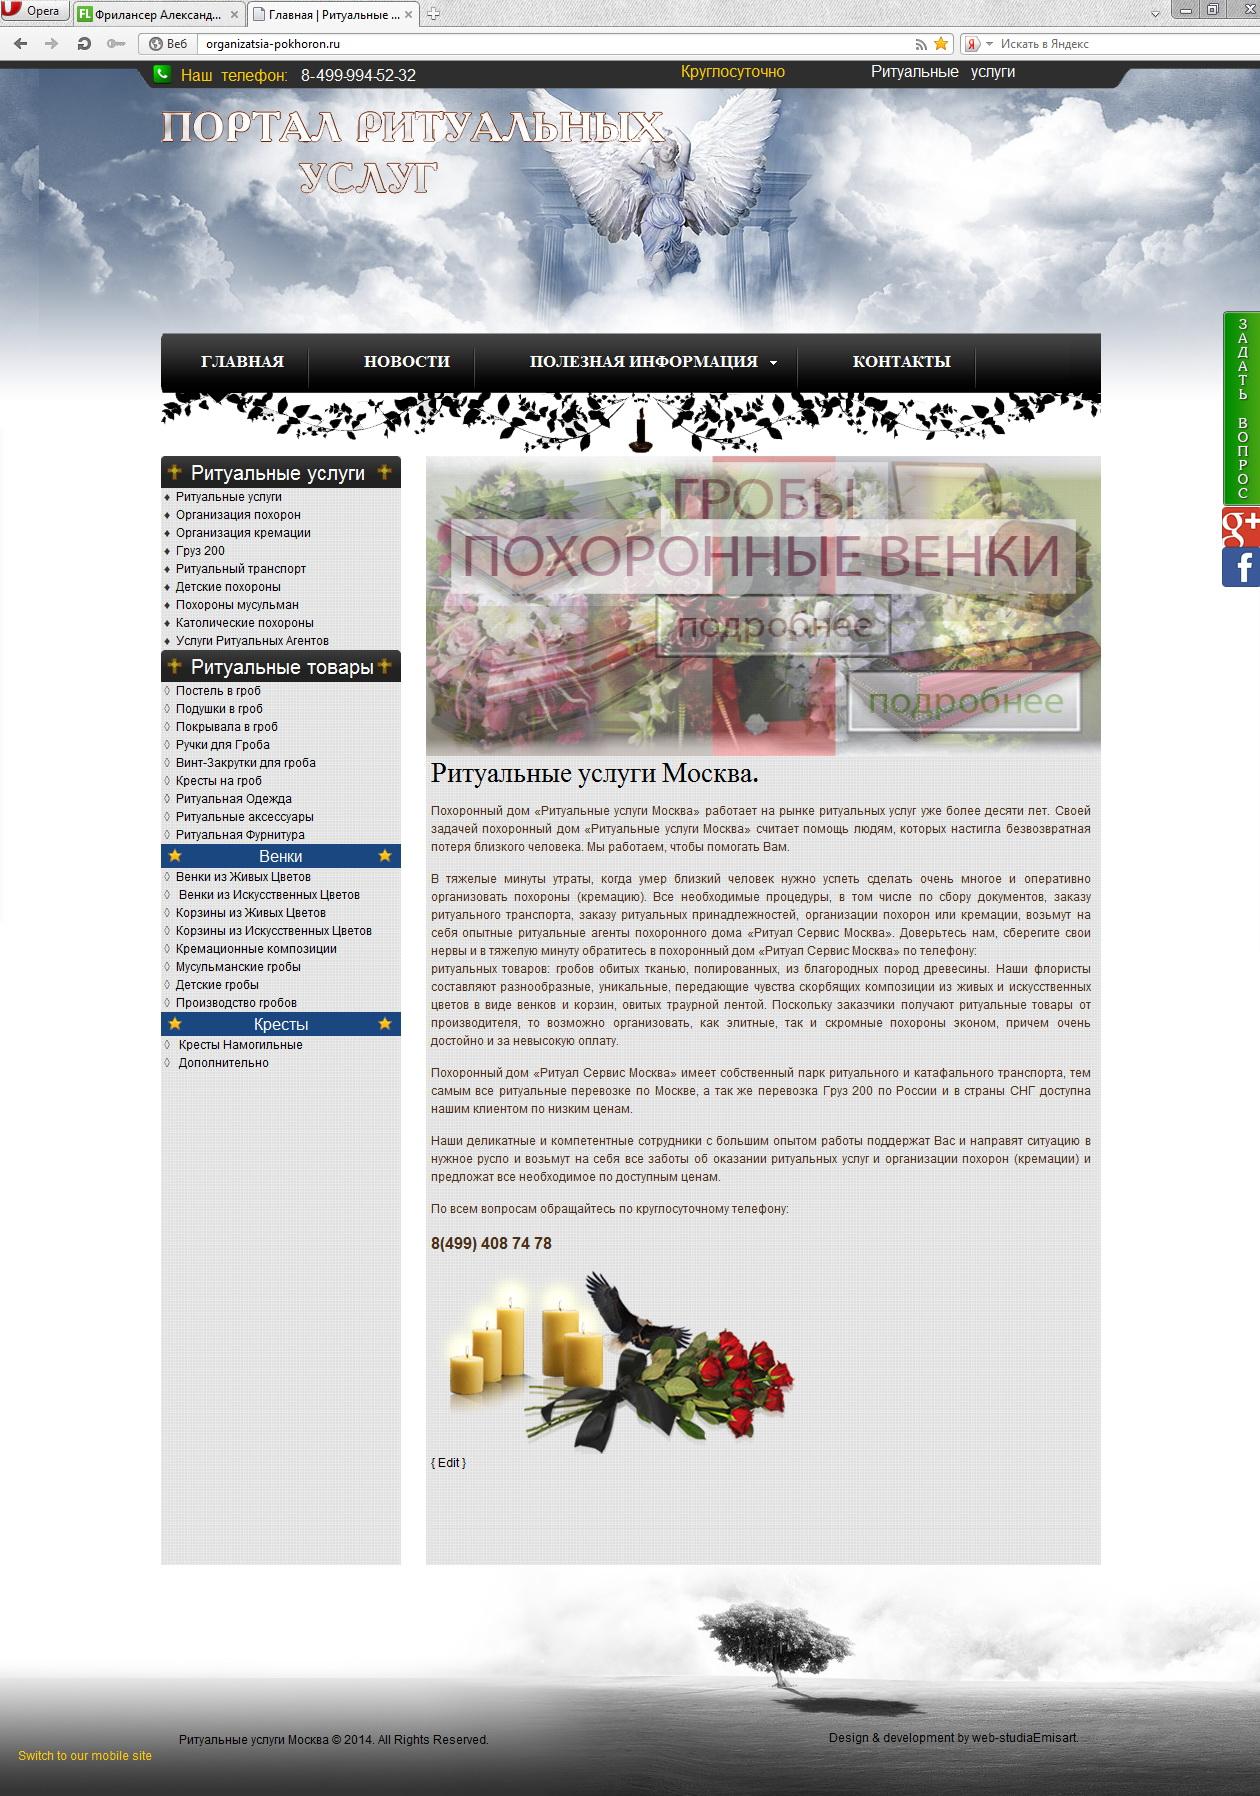 Интернет магазин Ритуальных услуг